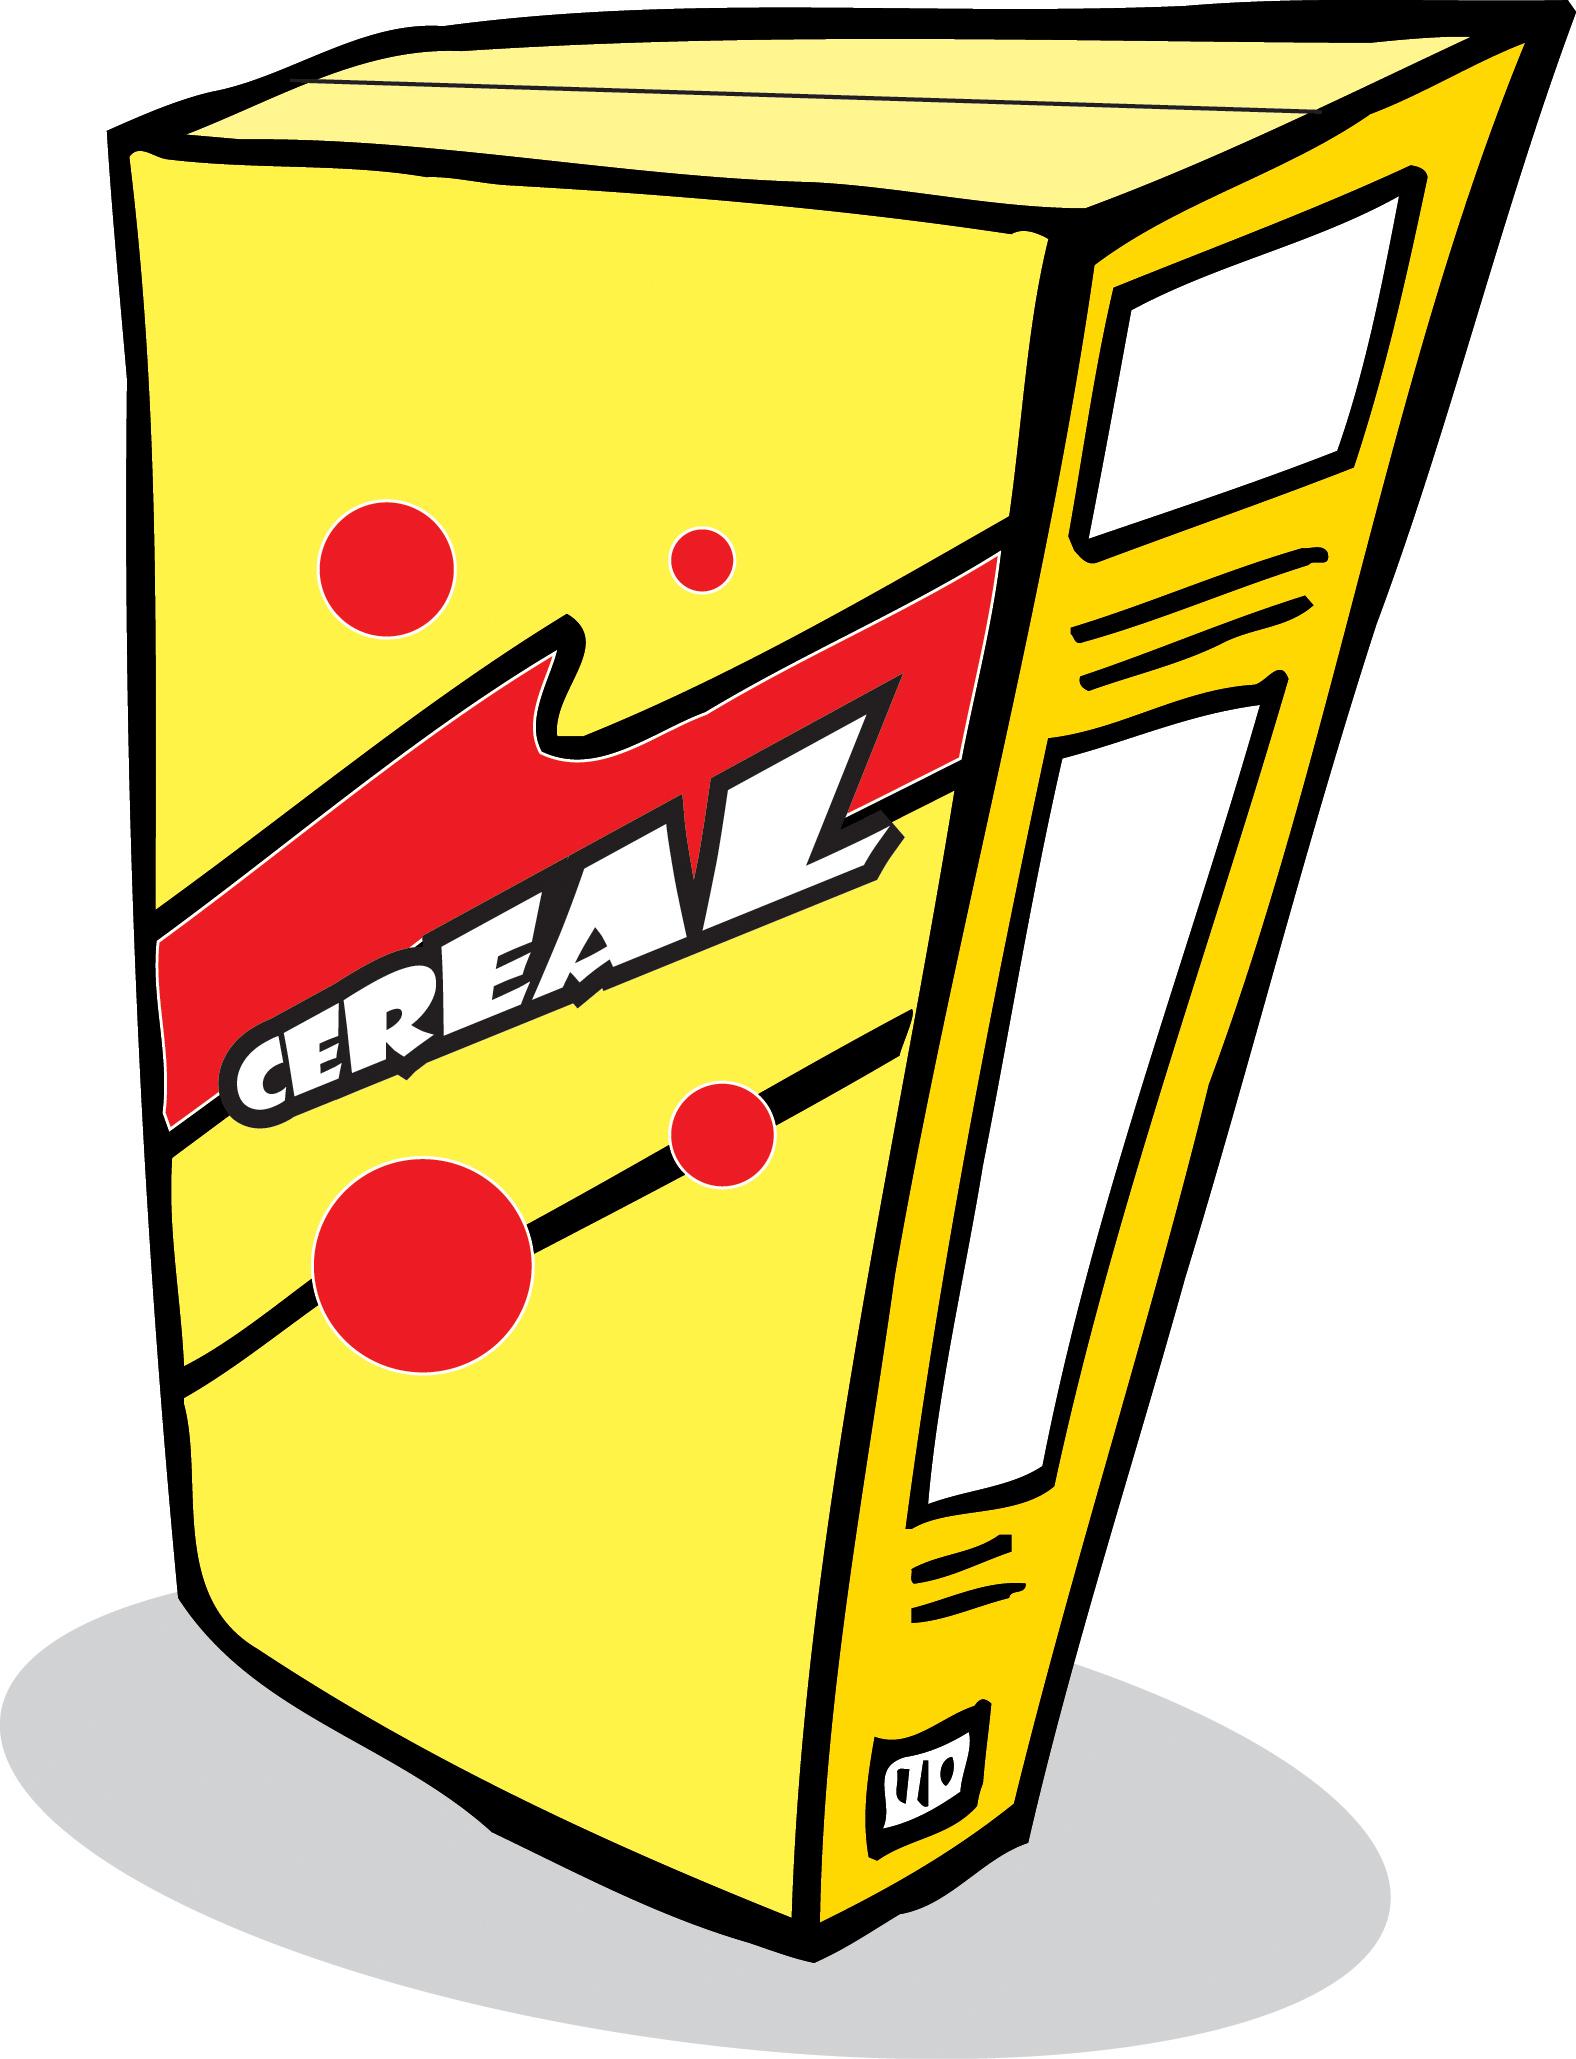 Clip Art Cereal Box Paper Recycling-Clip Art Cereal Box Paper Recycling-2